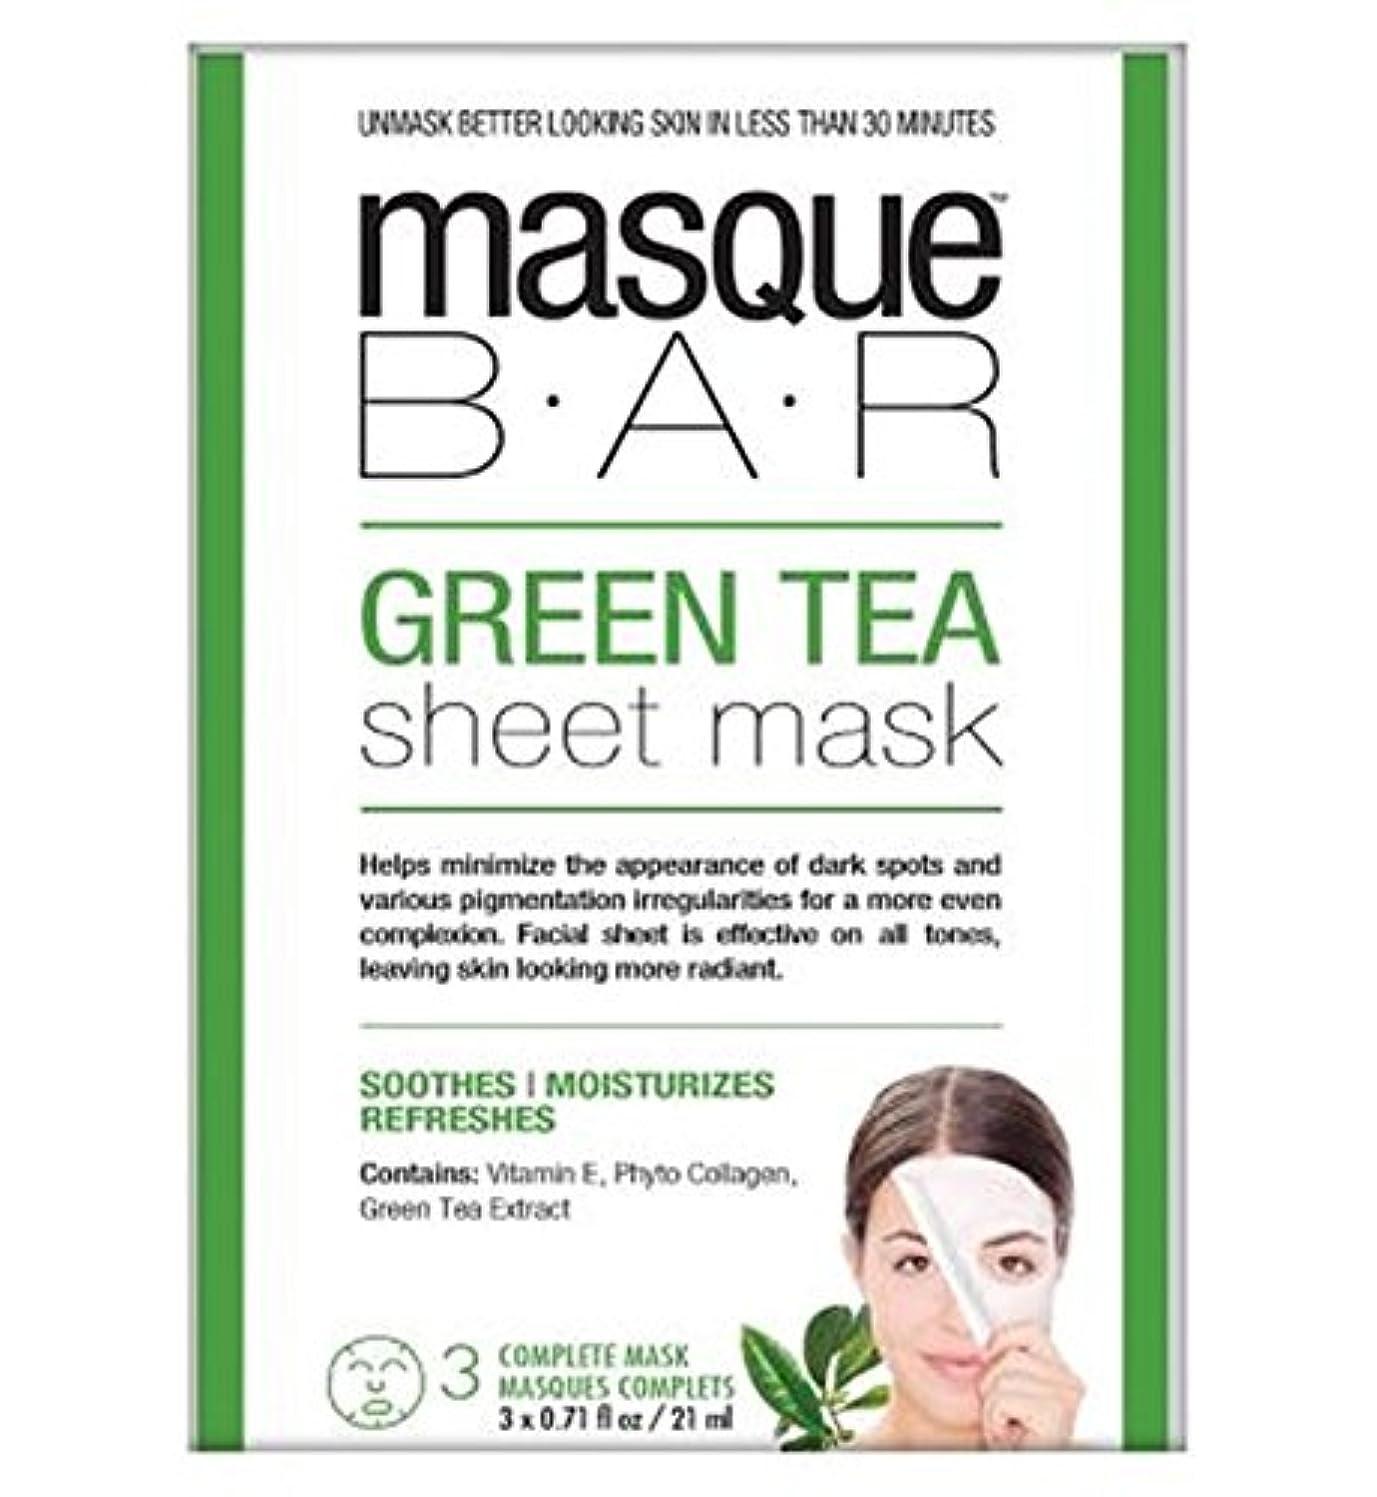 誰のルーキーひばりMasque Bar Green Tea Sheet Mask - 3 complete masks - 仮面劇バー緑茶シートマスク - 3完全なマスク (P6B Masque Bar Bt) [並行輸入品]